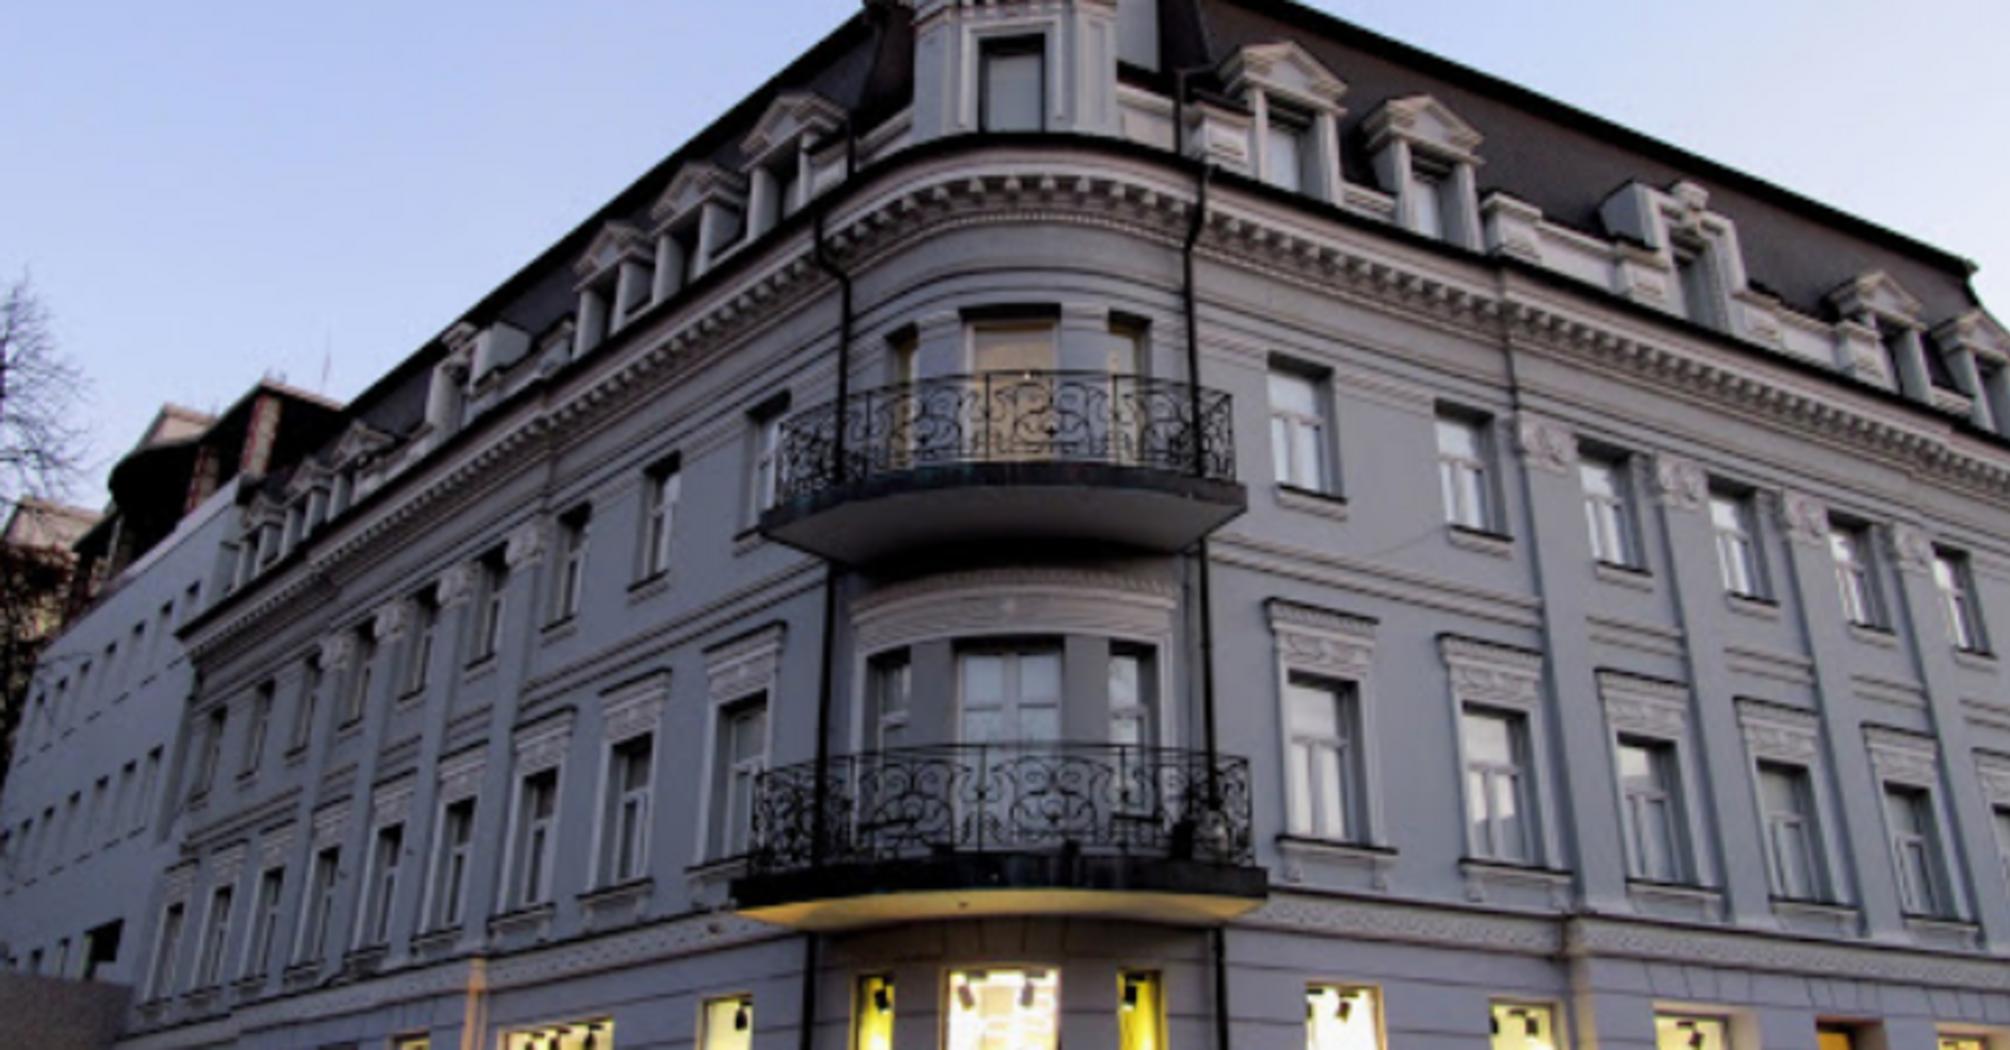 Елітний бутік в центрі Києва, де працював голова ОП, вирішив не закриватися на карантин. Фото